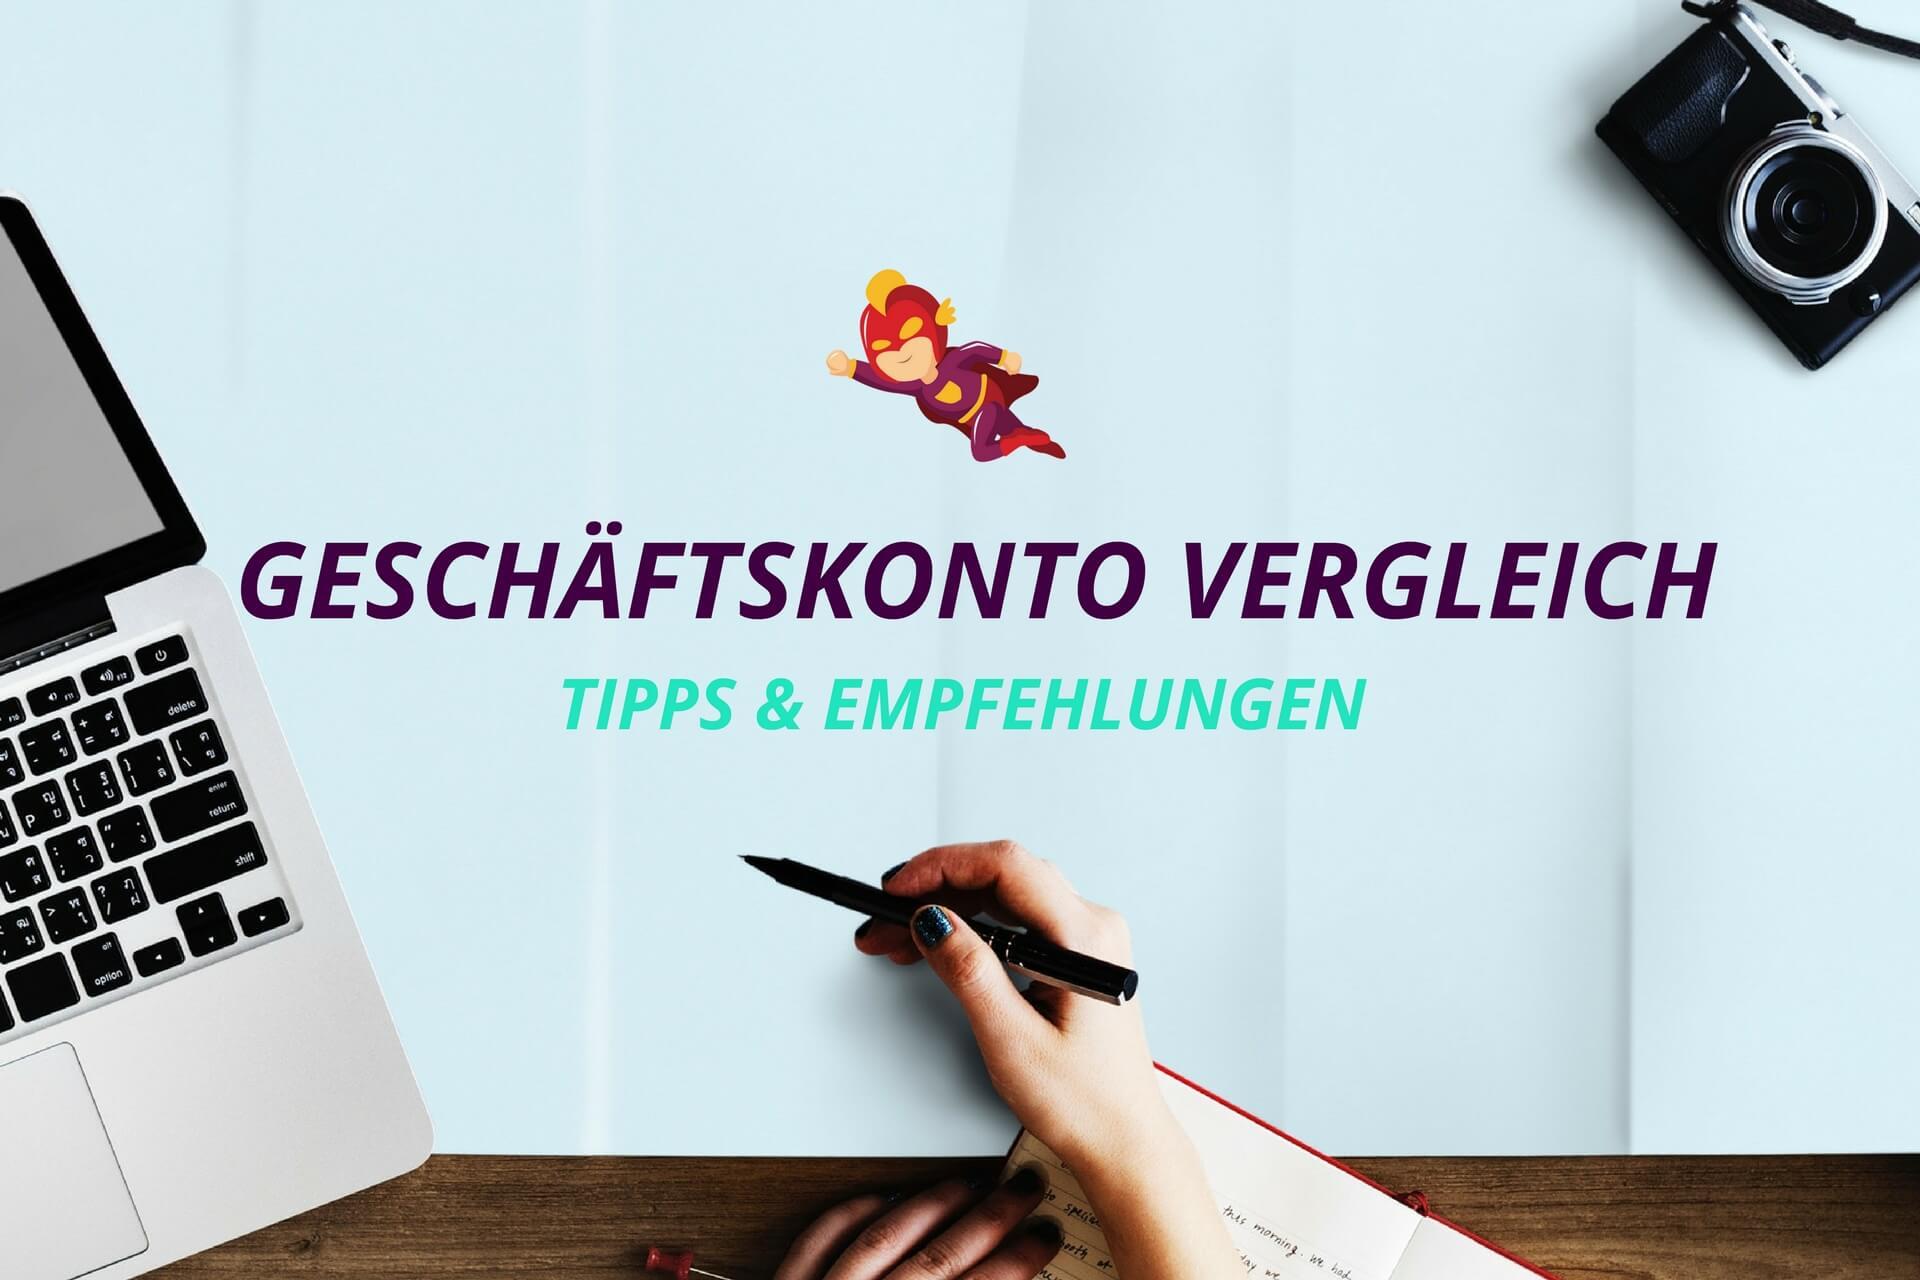 Geschäftskonto Vergleich - Finanzhelden.org